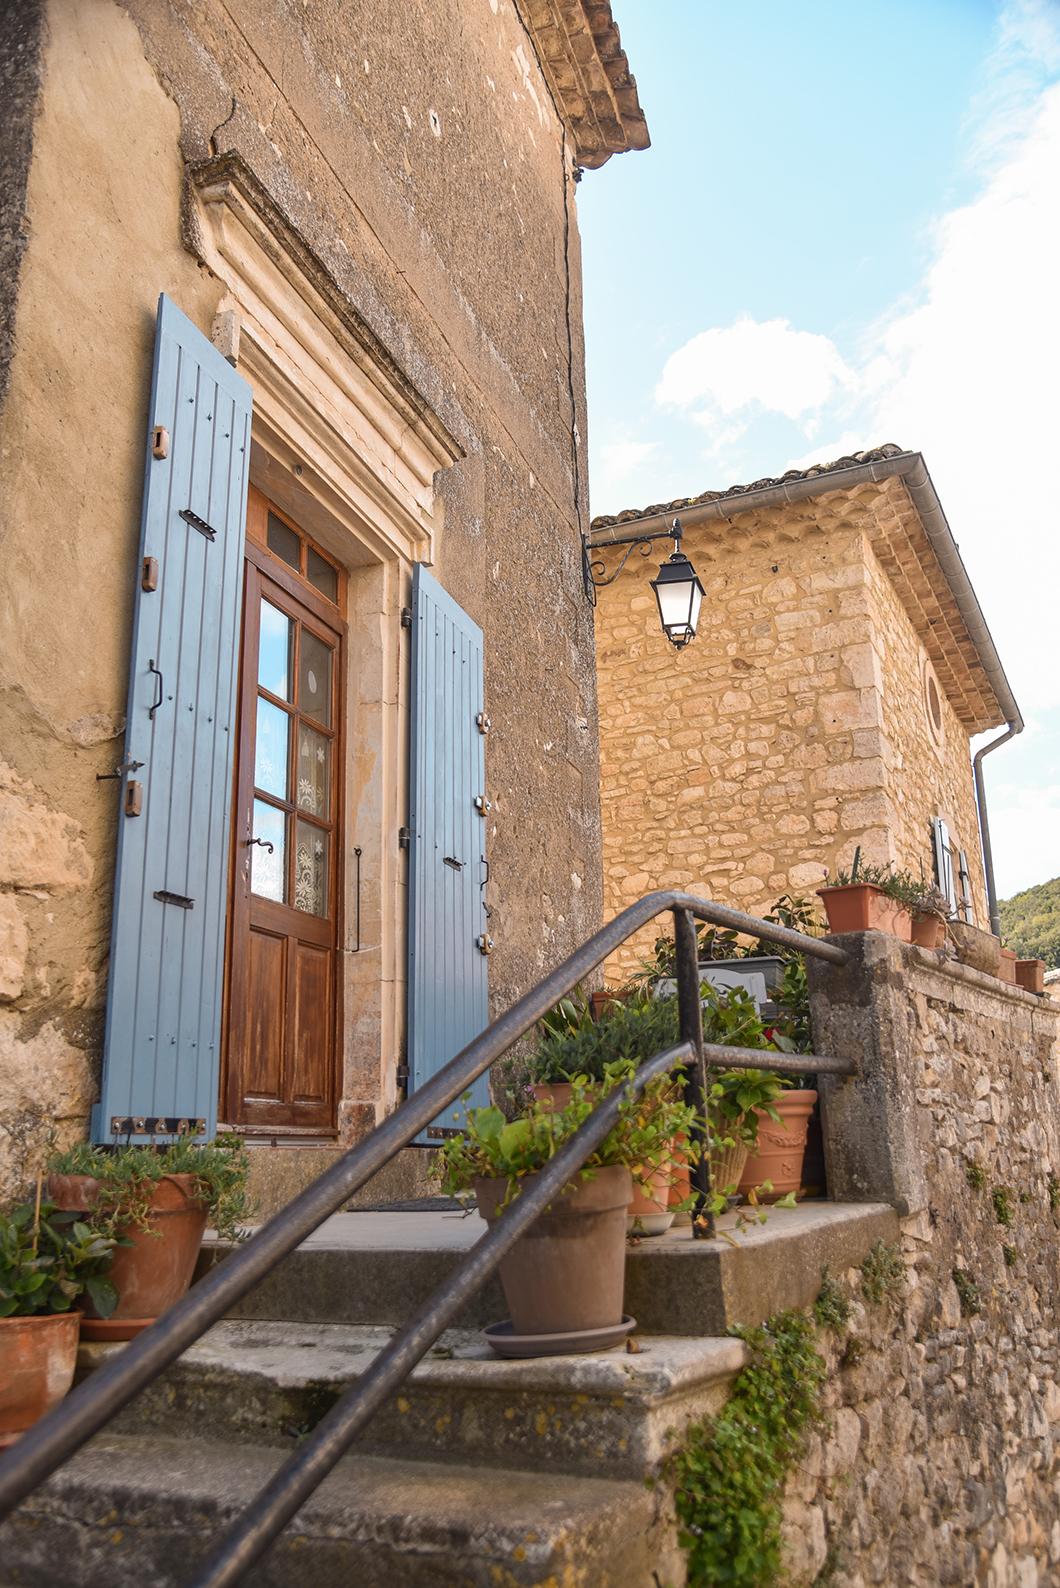 Balade à Montclus, l'un des plus beaux villages de France